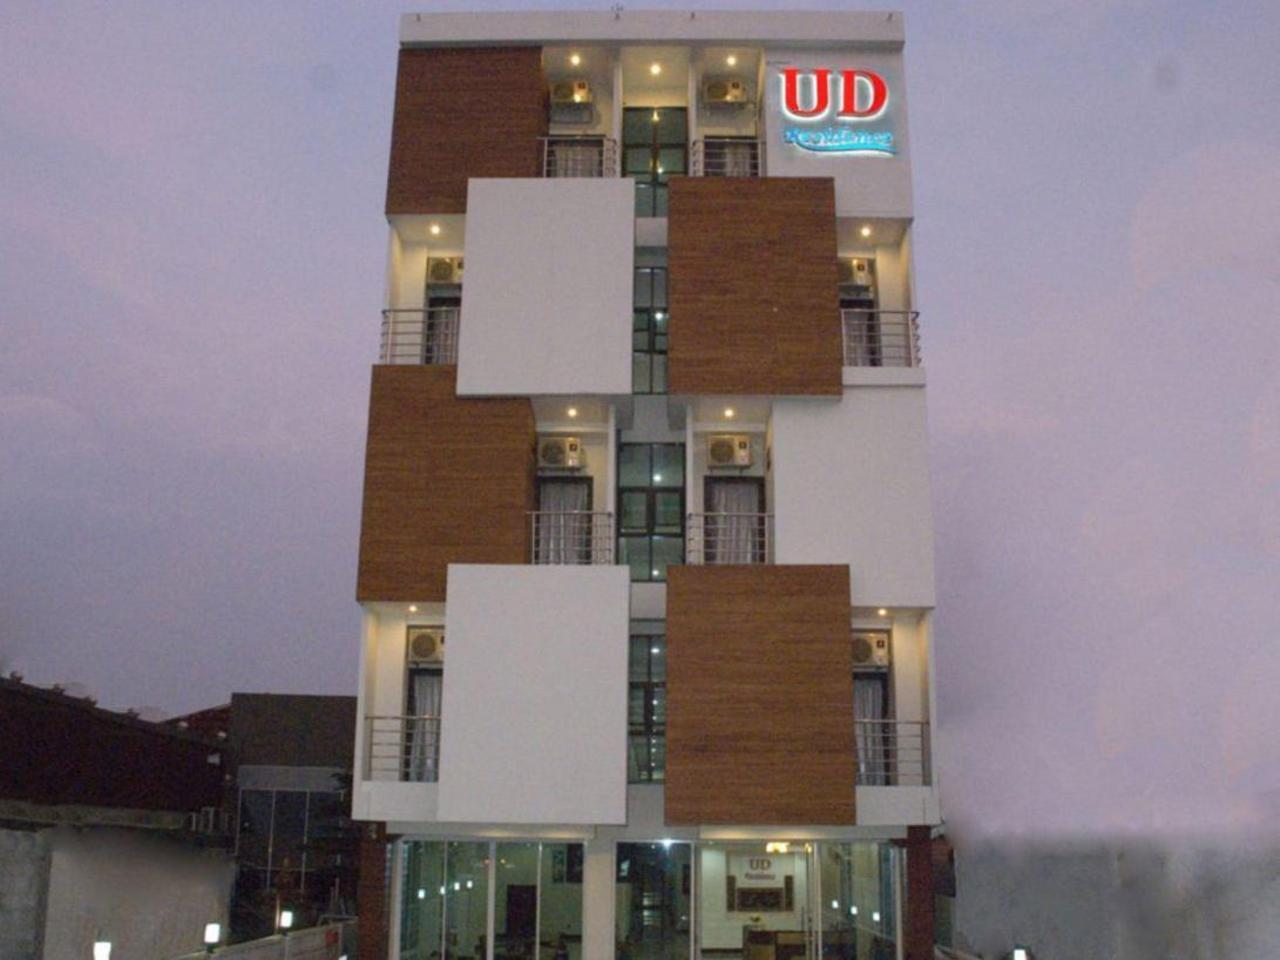 ยูดีเรสซิเดนซ์ (UD Residence)